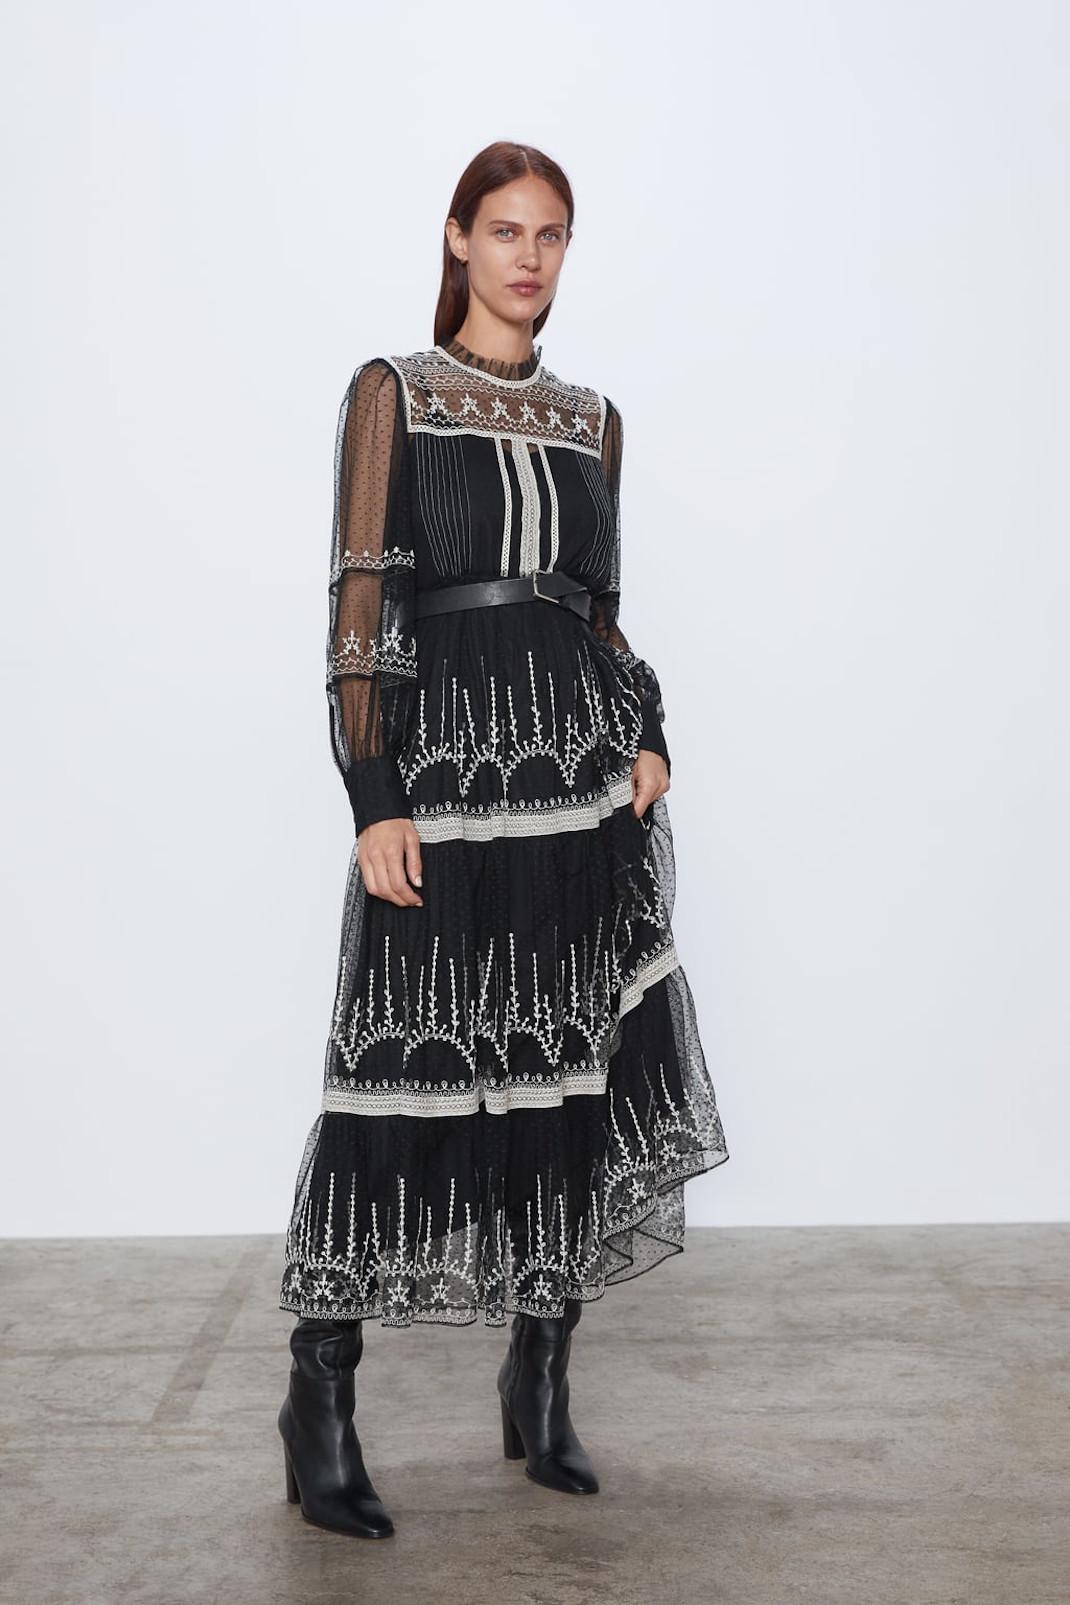 Φόρεμα από τα Zara που επέλεξε η Φαίη Ξυλά